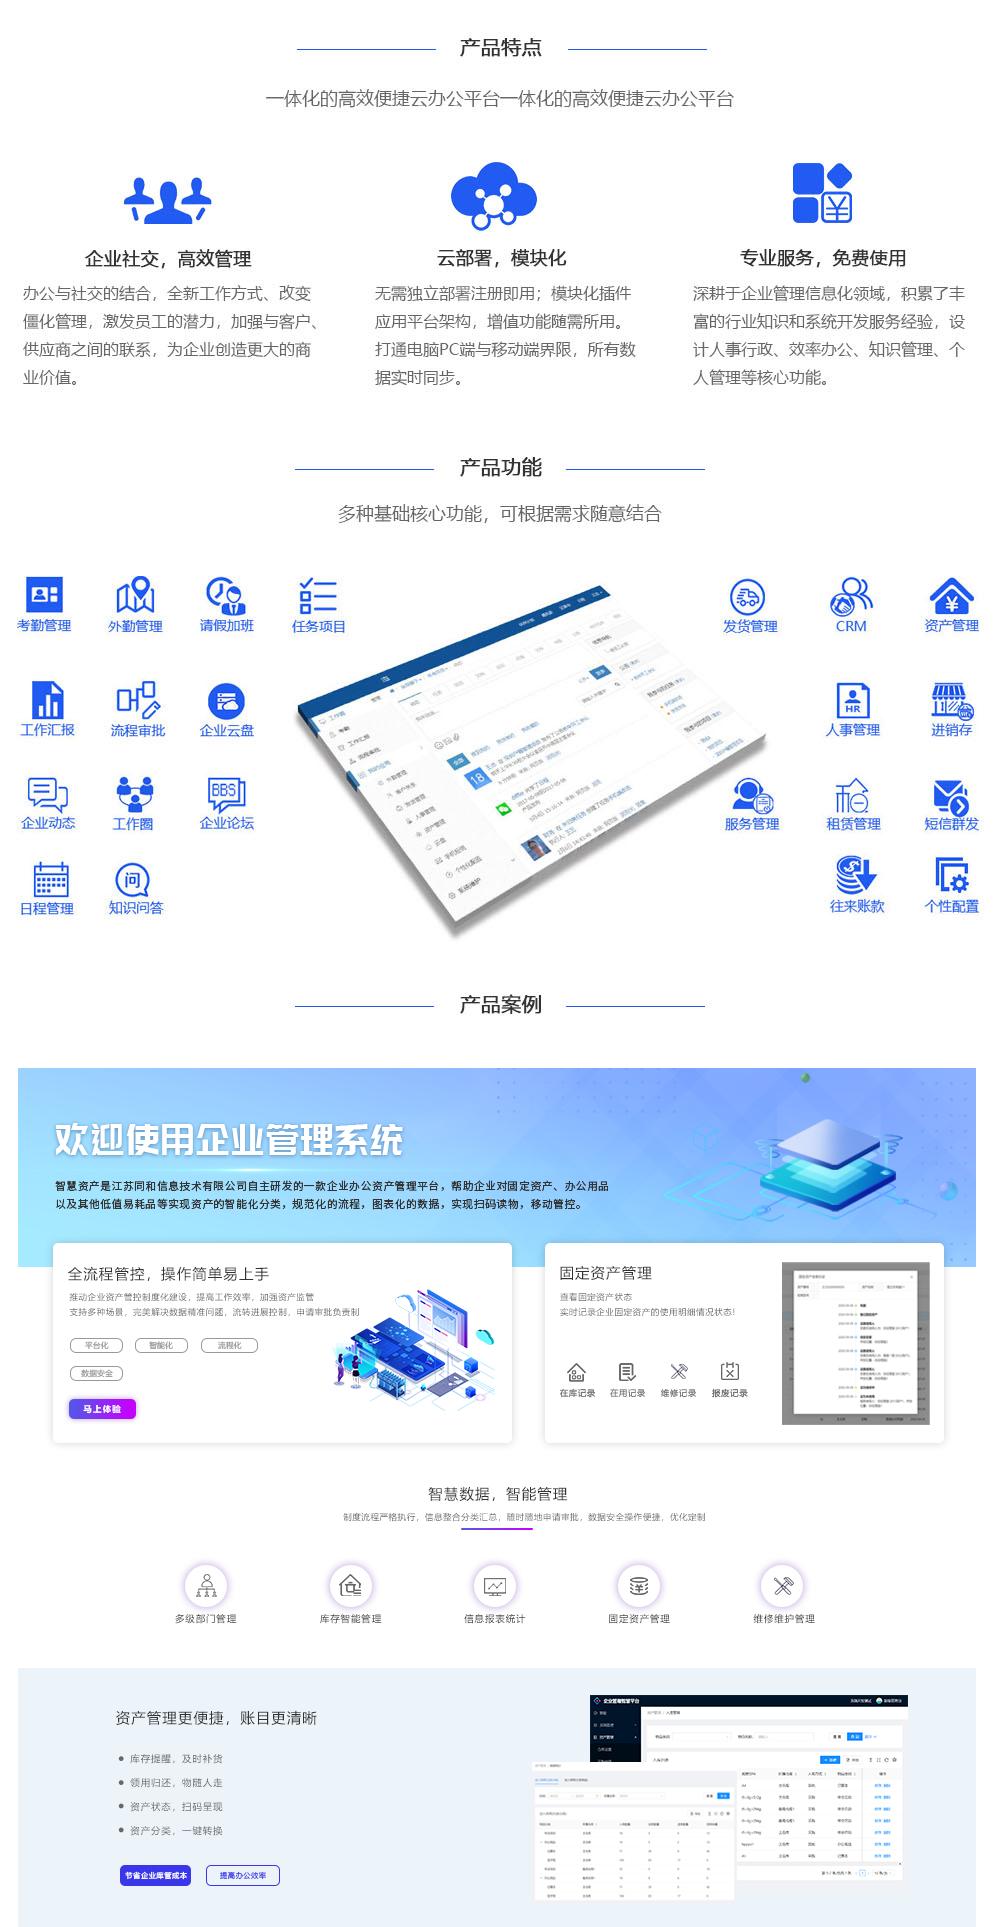 乐鱼app下载管理系统.png